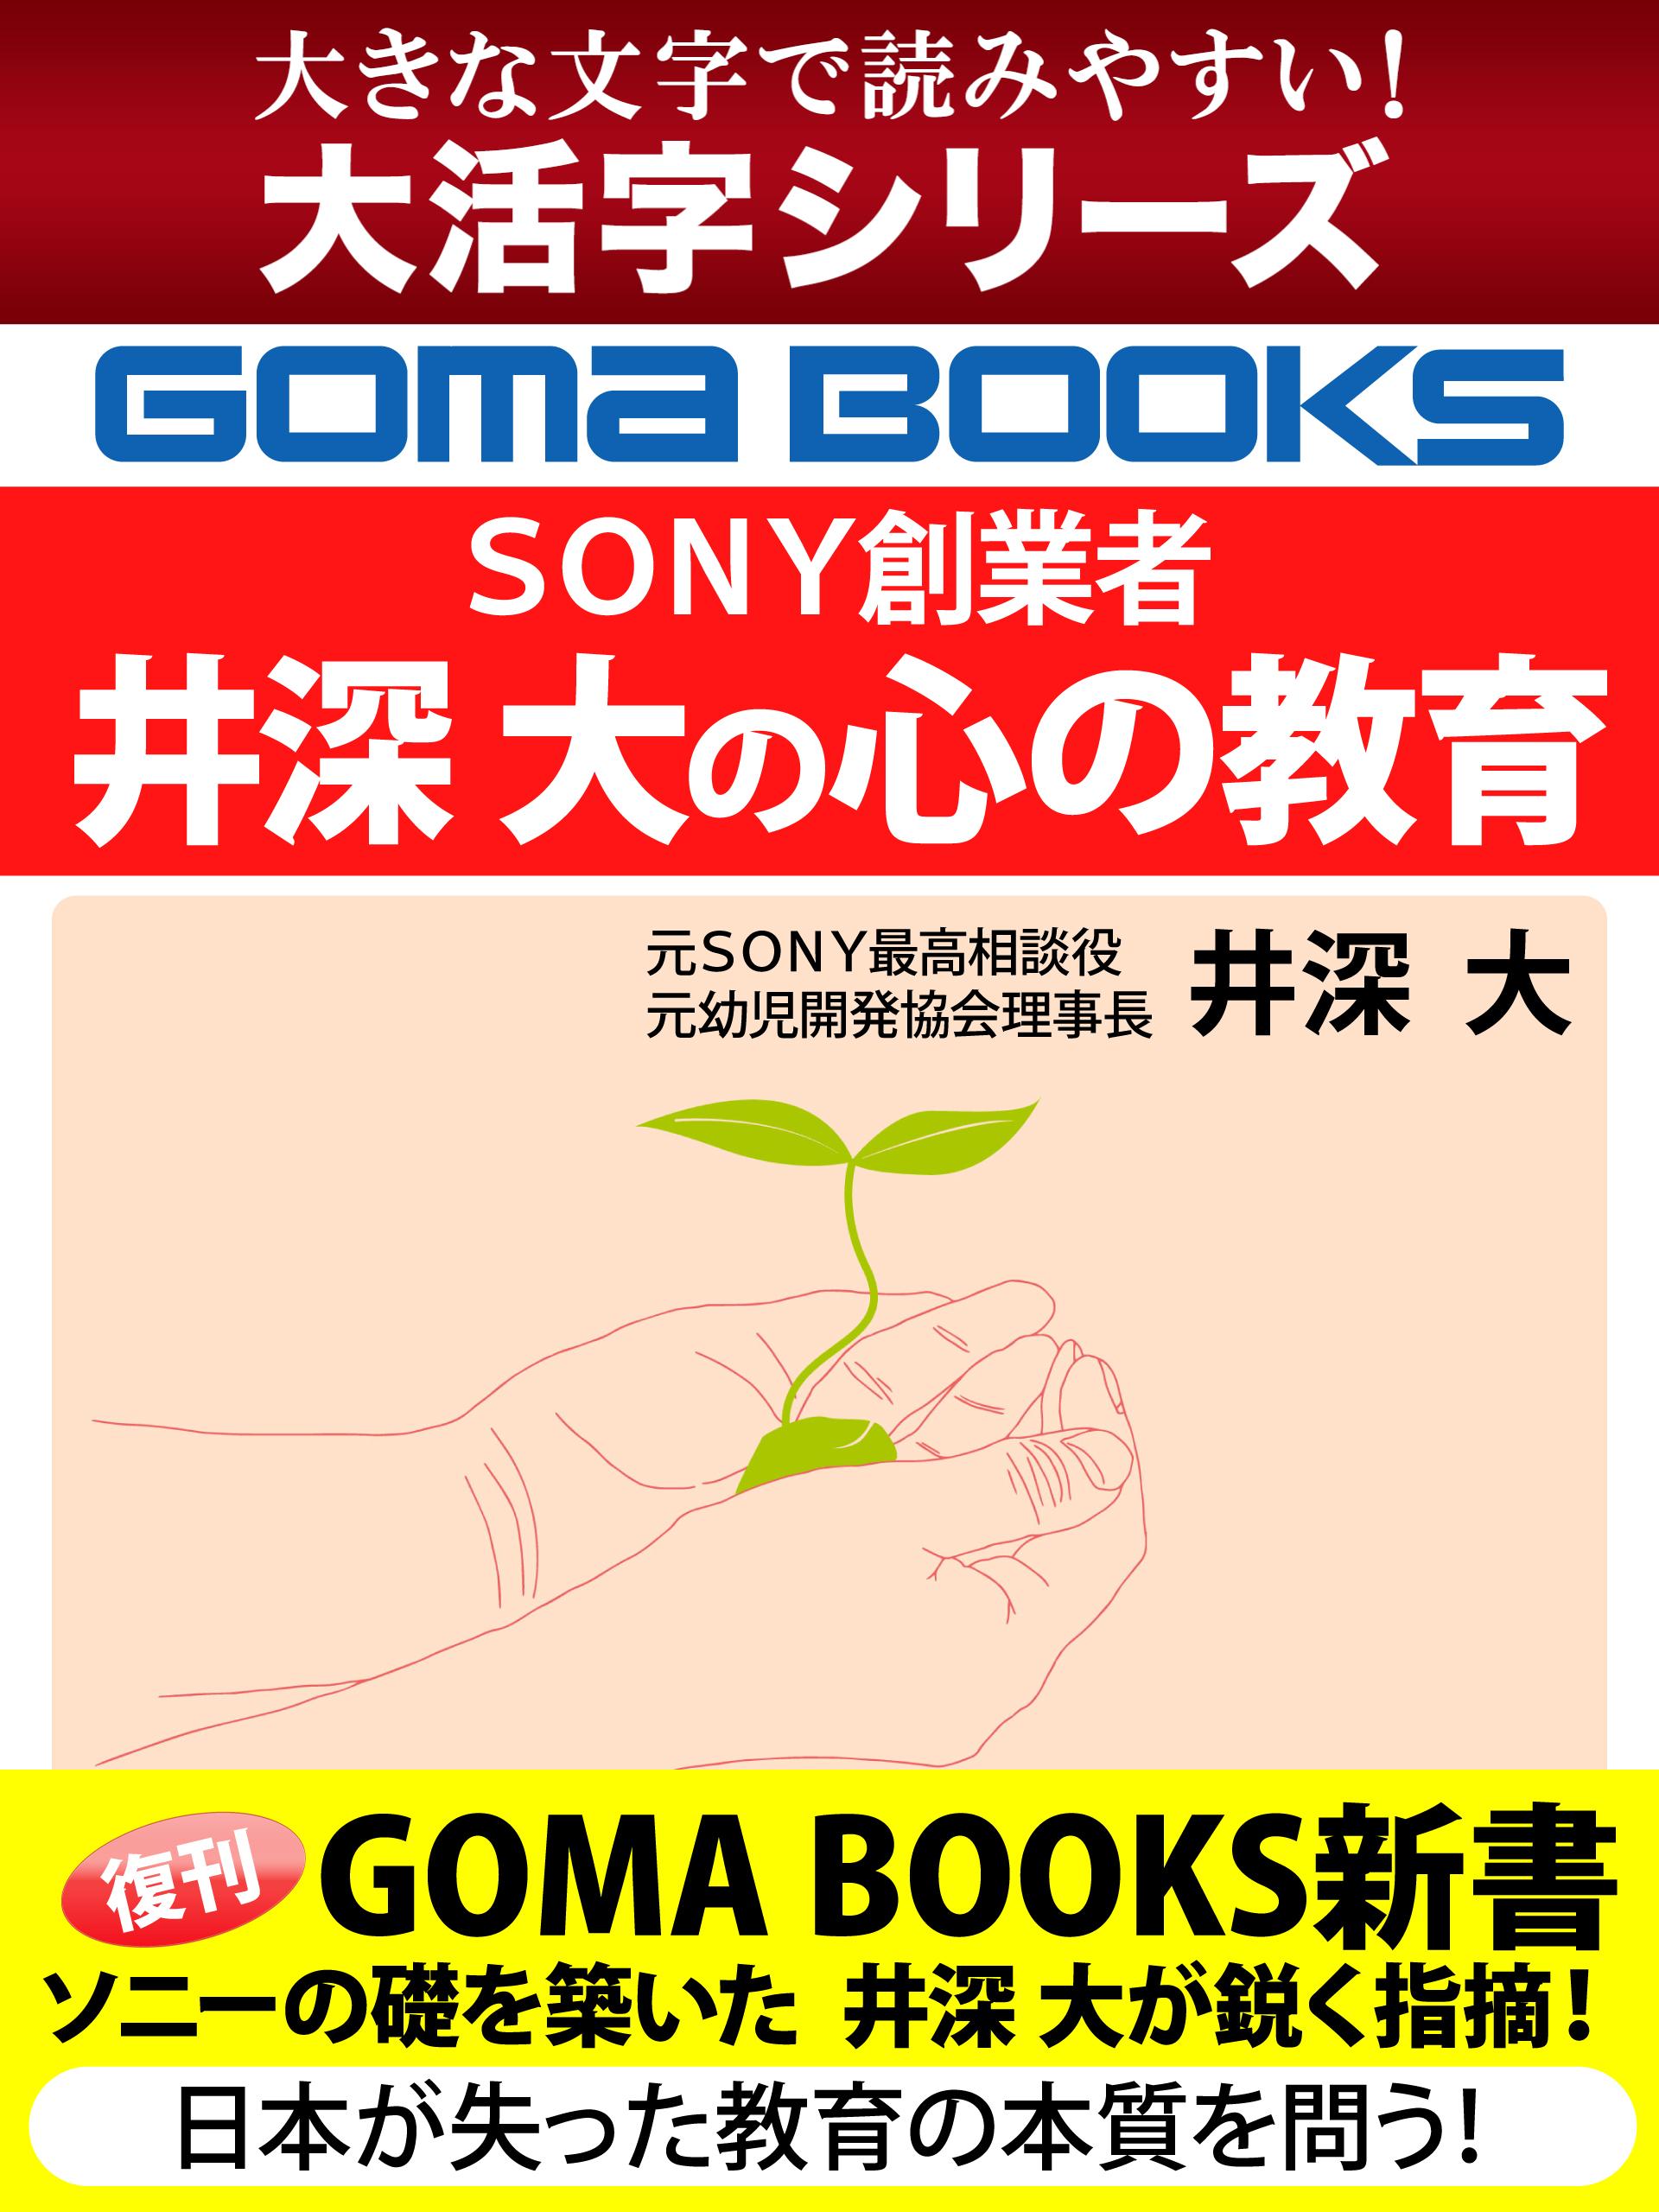 【大活字シリーズ】SONY創業者 井深 大の心の教育